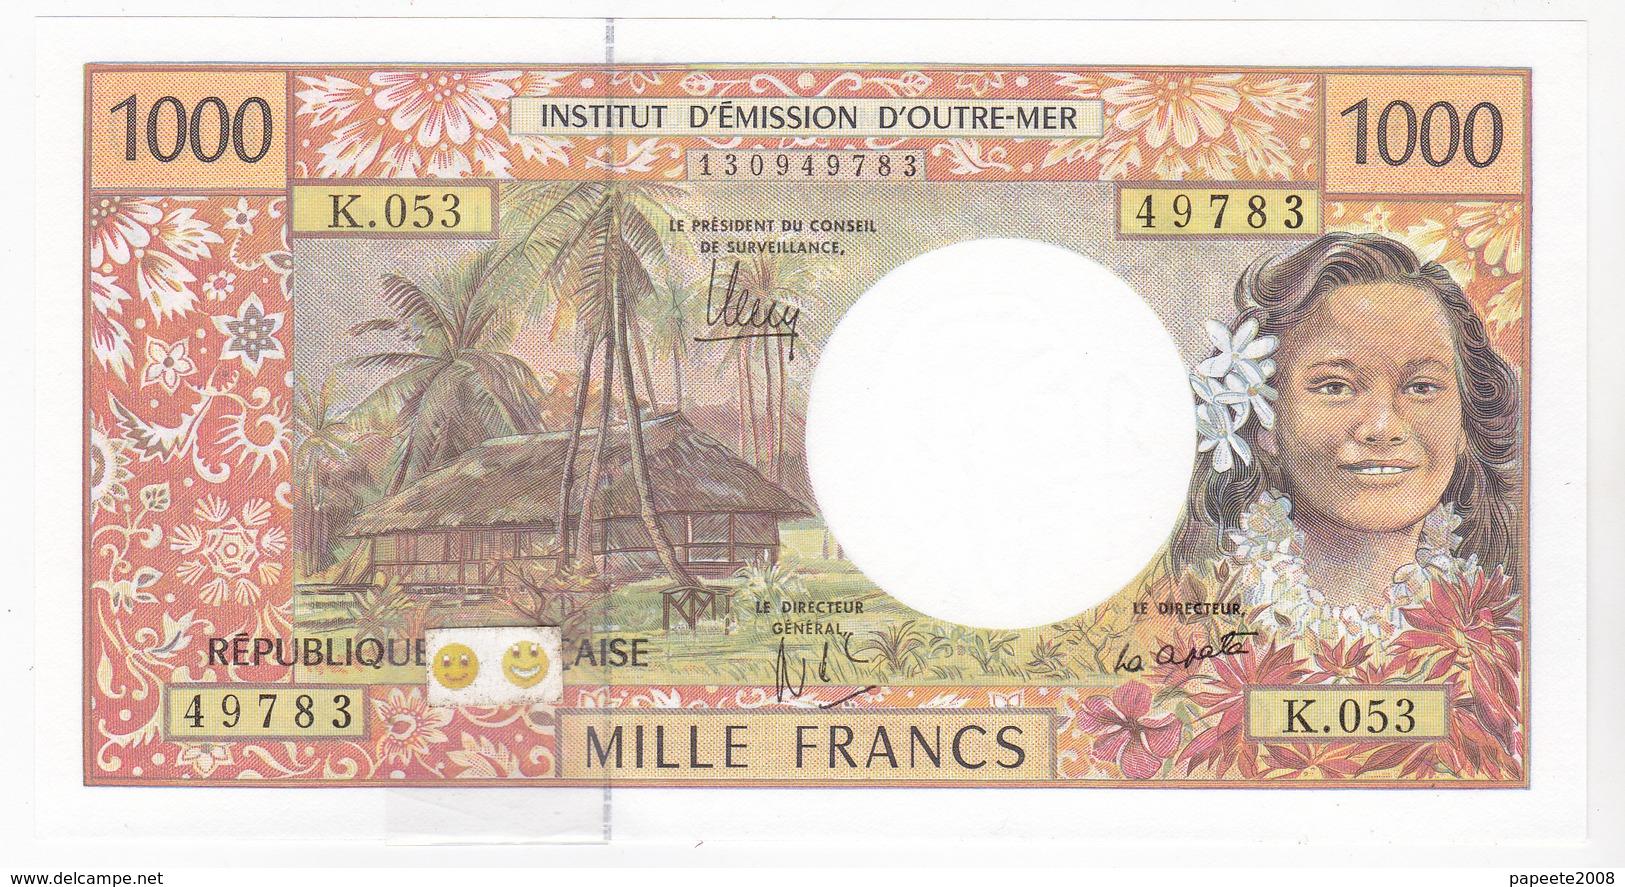 Polynésie Française / Tahiti - 1000 FCFP - K.053 / 2013 / Signatures Noyer/de Seze/La Cognata - Neuf / UNC - Papeete (Polynésie Française 1914-1985)